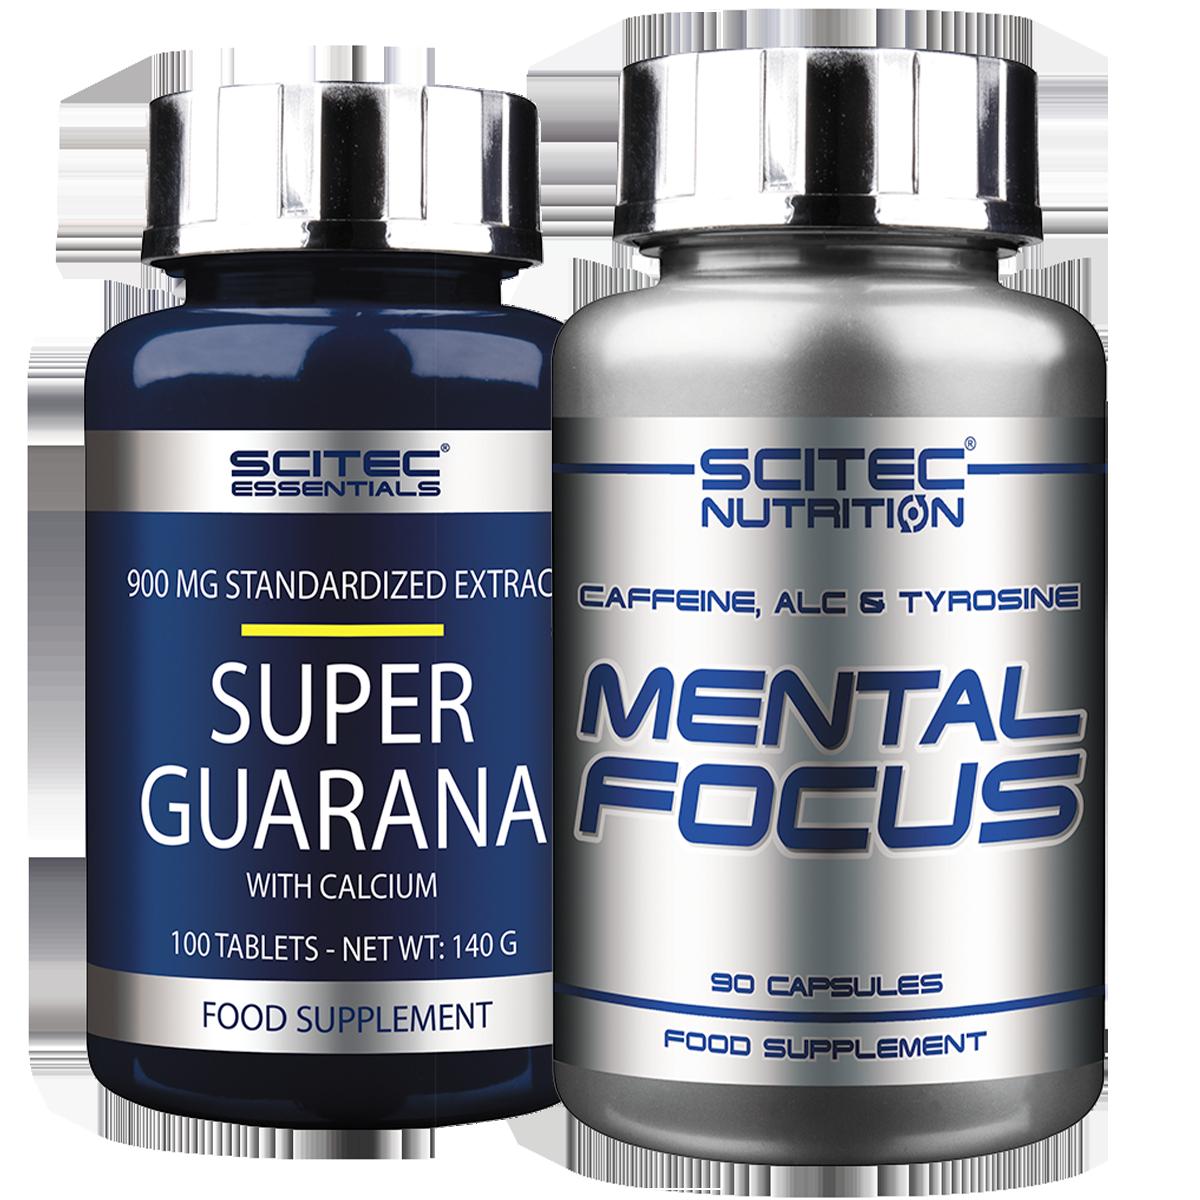 Scitec Nutrition Mental Focus + Super Guarana szett